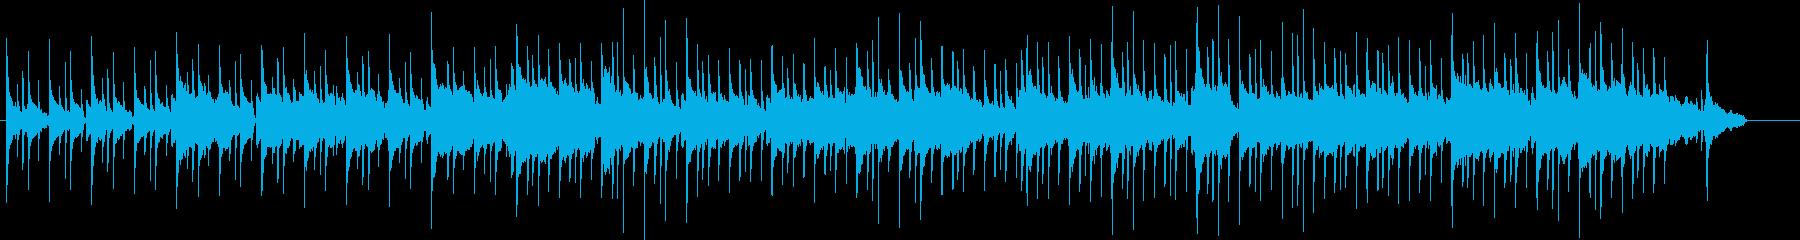 穏やかな伴奏とサックスの再生済みの波形